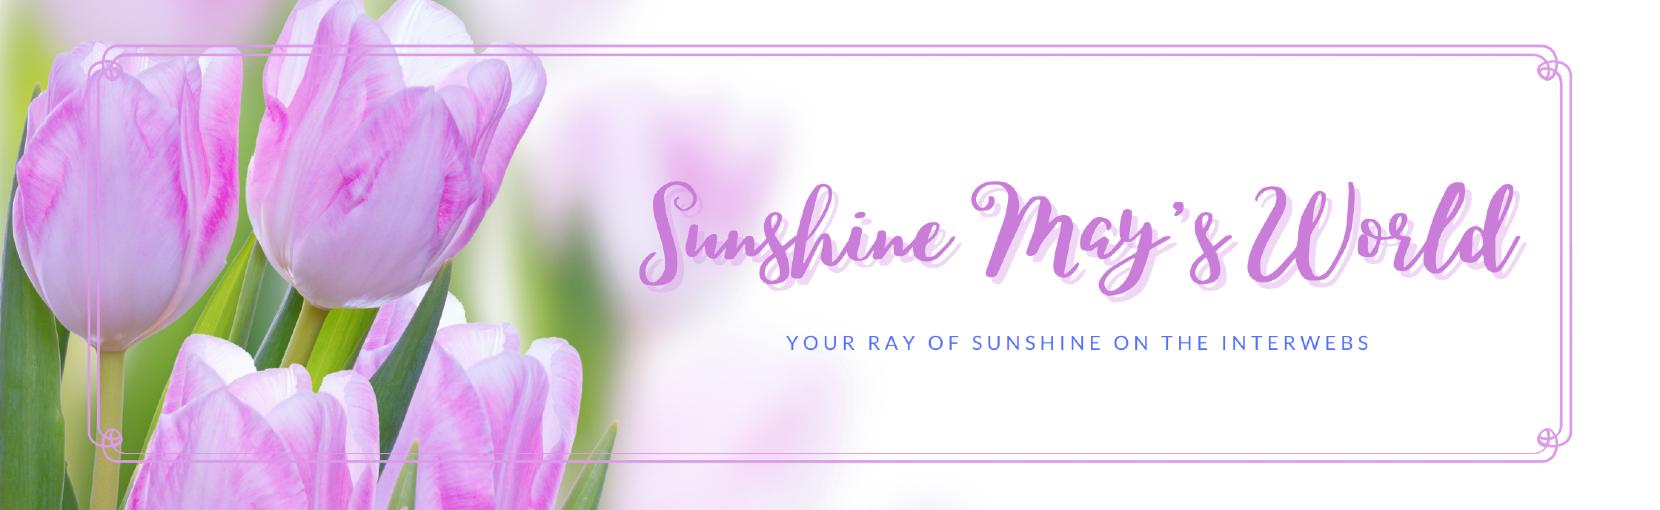 Sunshine May's World